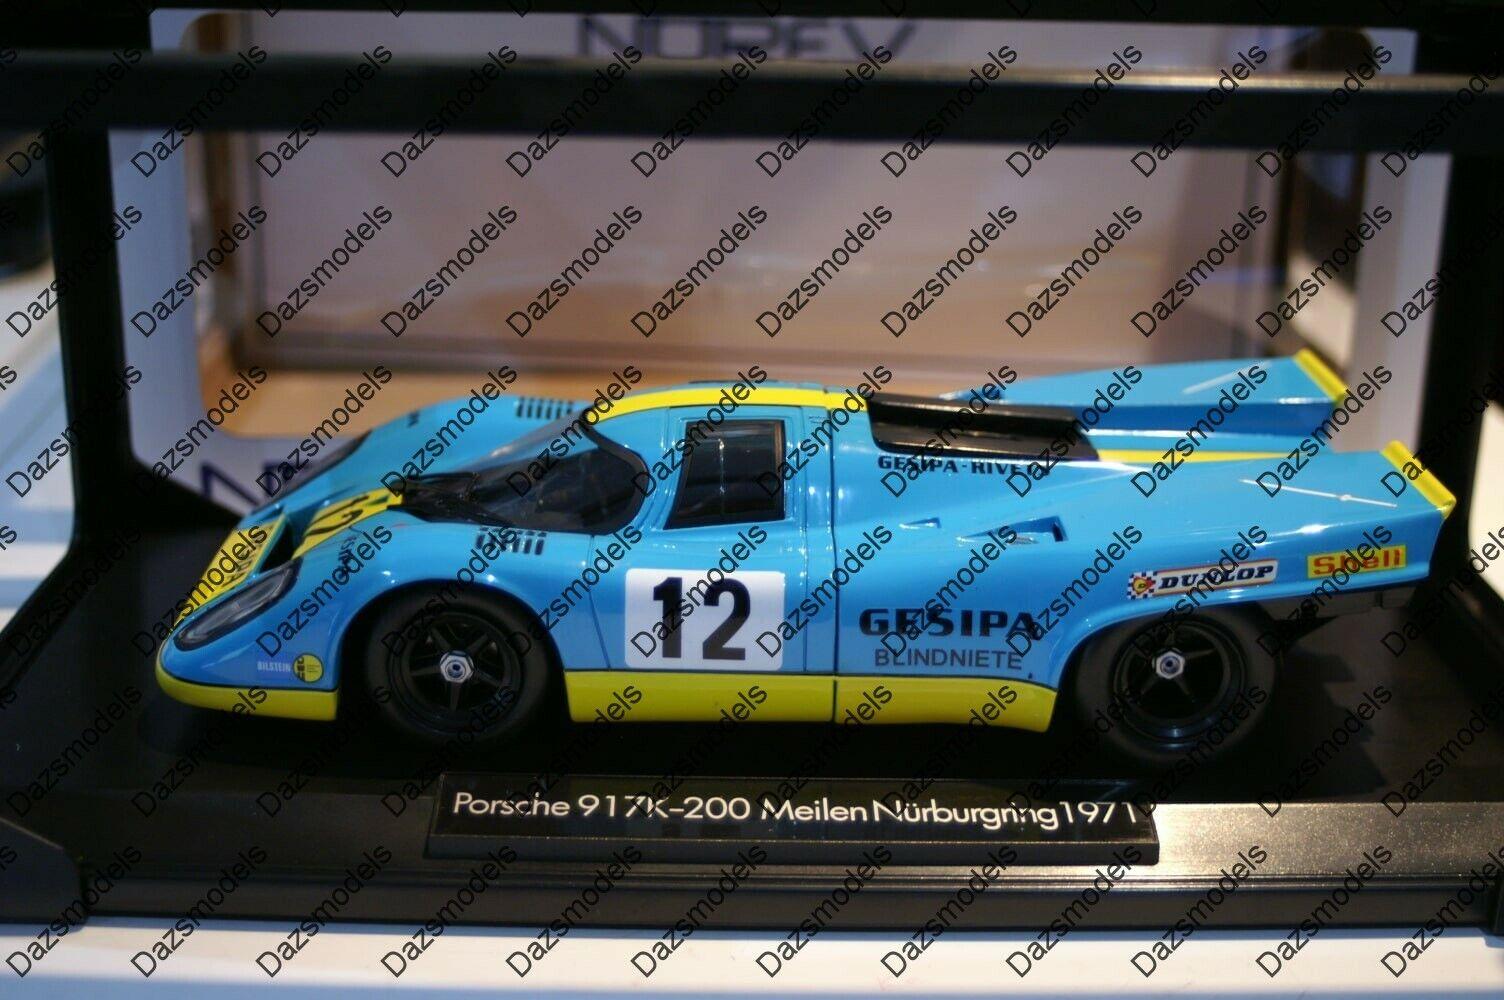 artículos novedosos Norev Norev Norev Porsche 917k Nurburgring 1971 Gesipa escala 1 18 187580K  los clientes primero